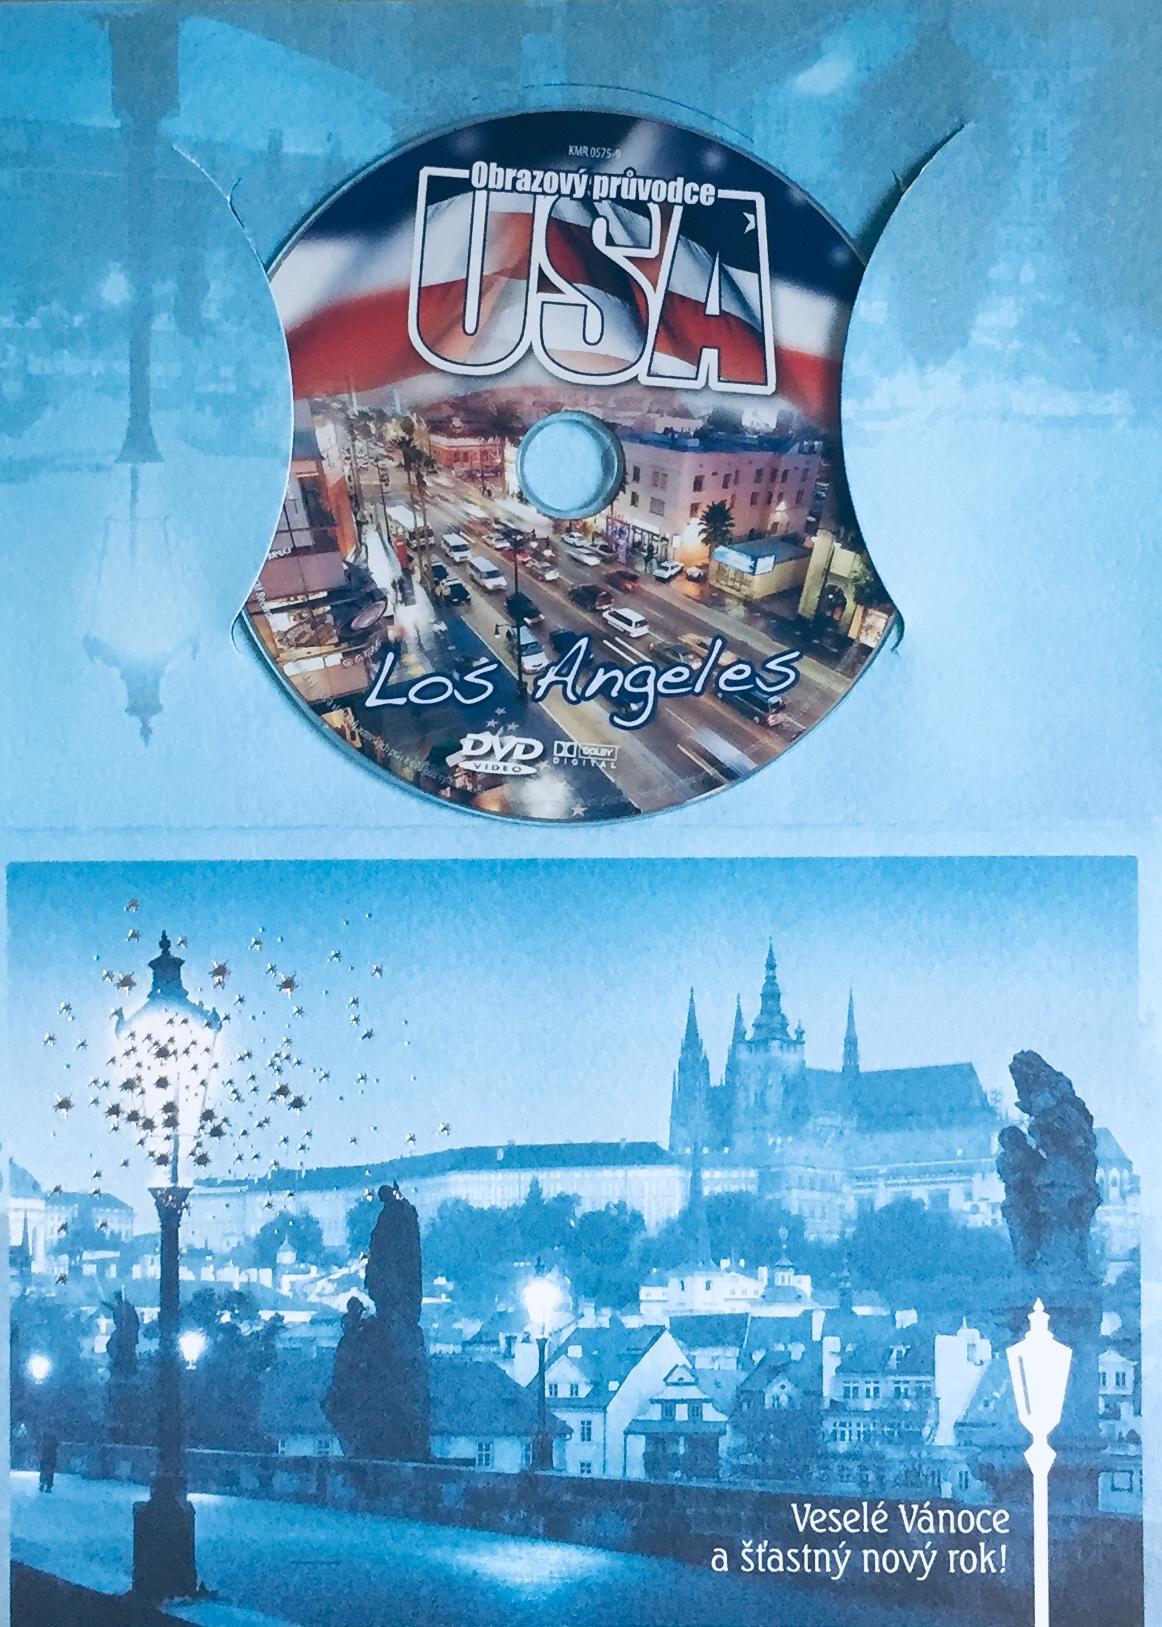 Obrazový průvodce - USA - Los Angeles - DVD /dárkový obal/